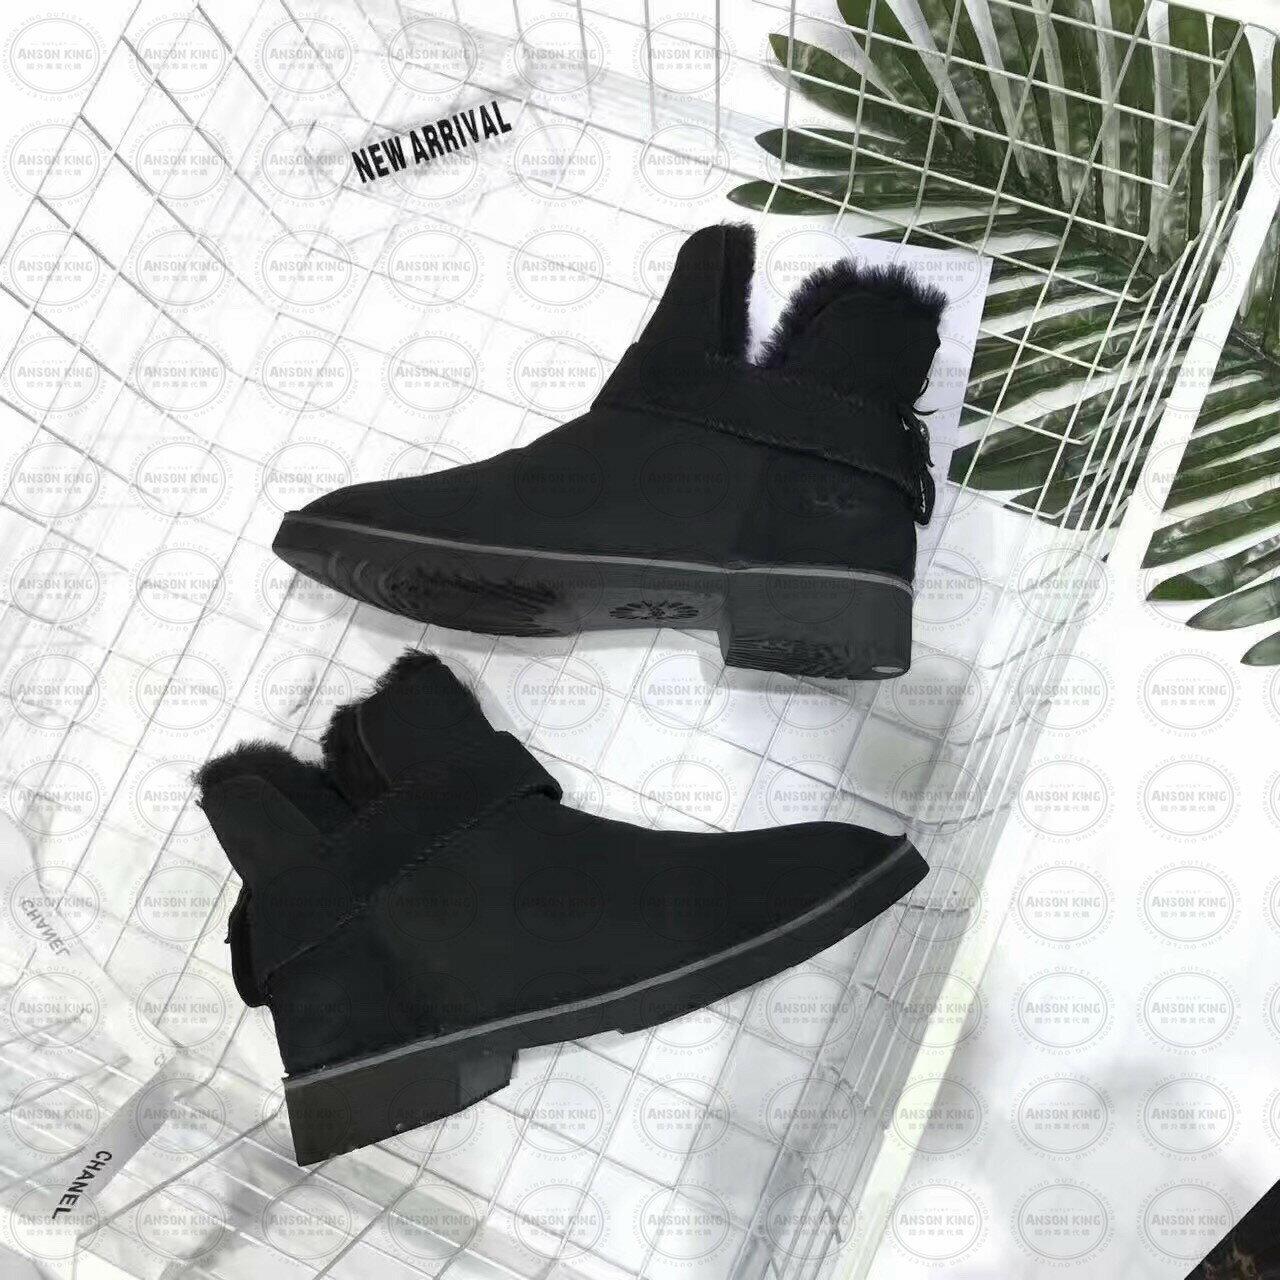 OUTLET正品代購 澳洲 UGG 羊皮毛一體馬汀靴 中長靴 保暖 真皮羊皮毛 雪靴 短靴 黑色 2